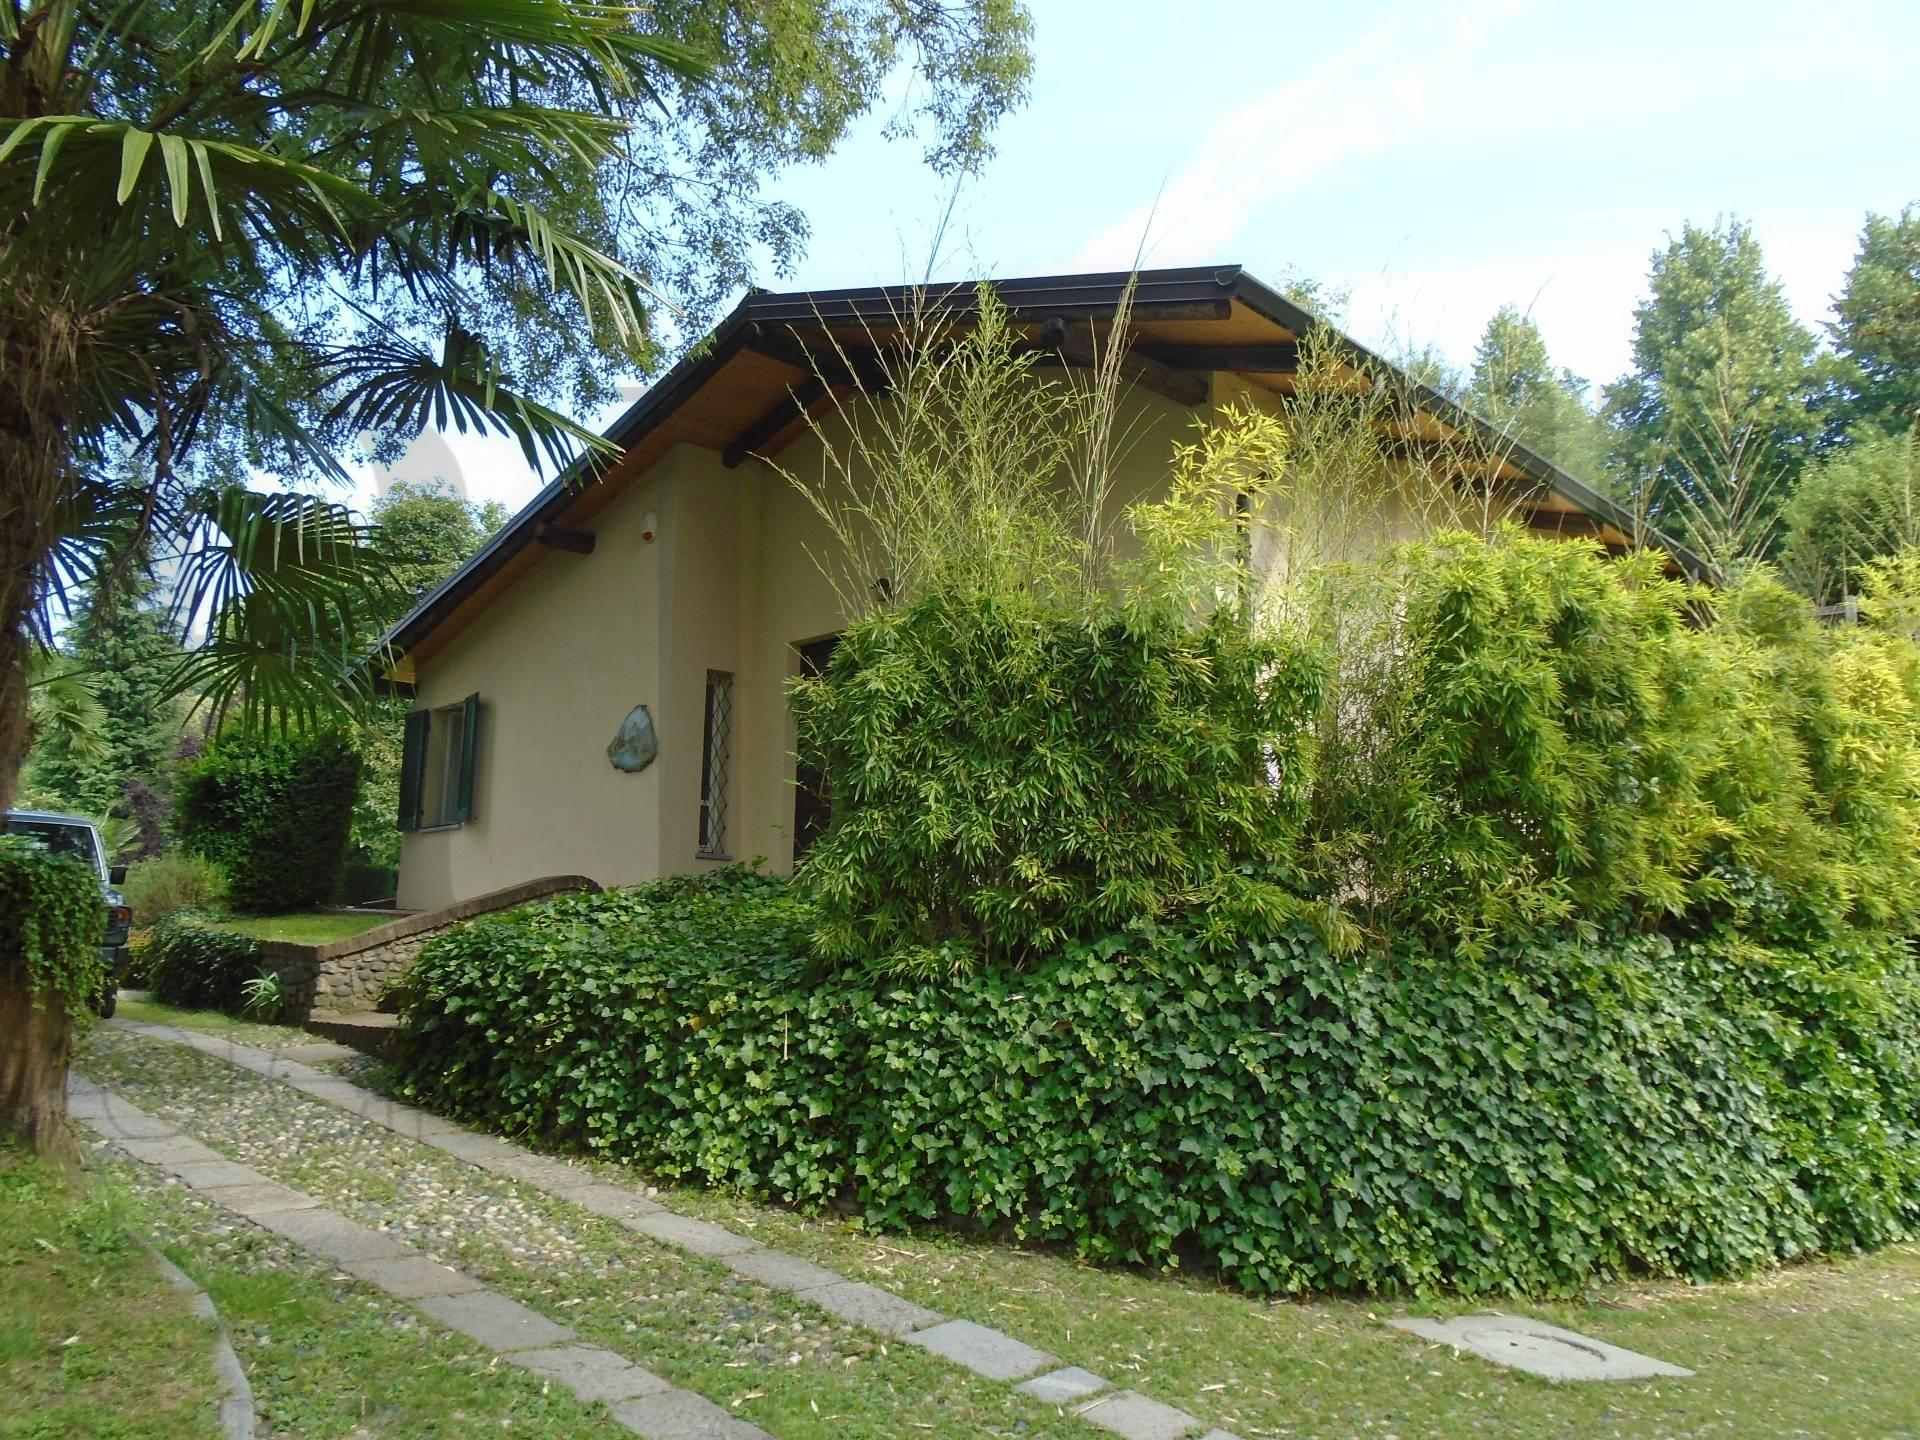 Villa in affitto a Torino, 5 locali, zona Località: Collina, prezzo € 1.200 | Cambio Casa.it